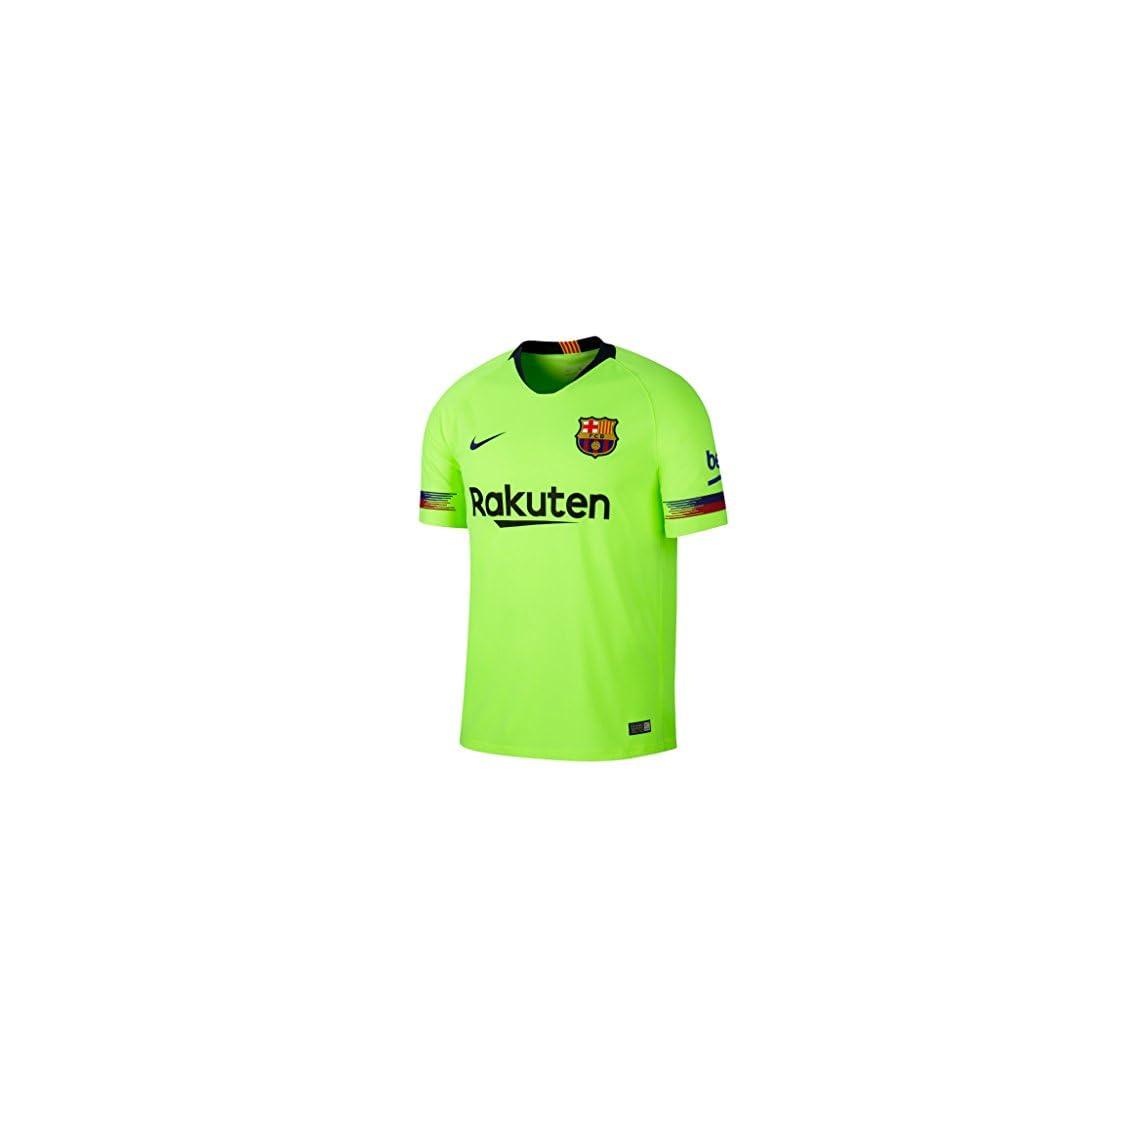 96666b7cfe Nike 2018 19 FC Barcelona Stadium Away – Camiseta de fútbol para Hombre